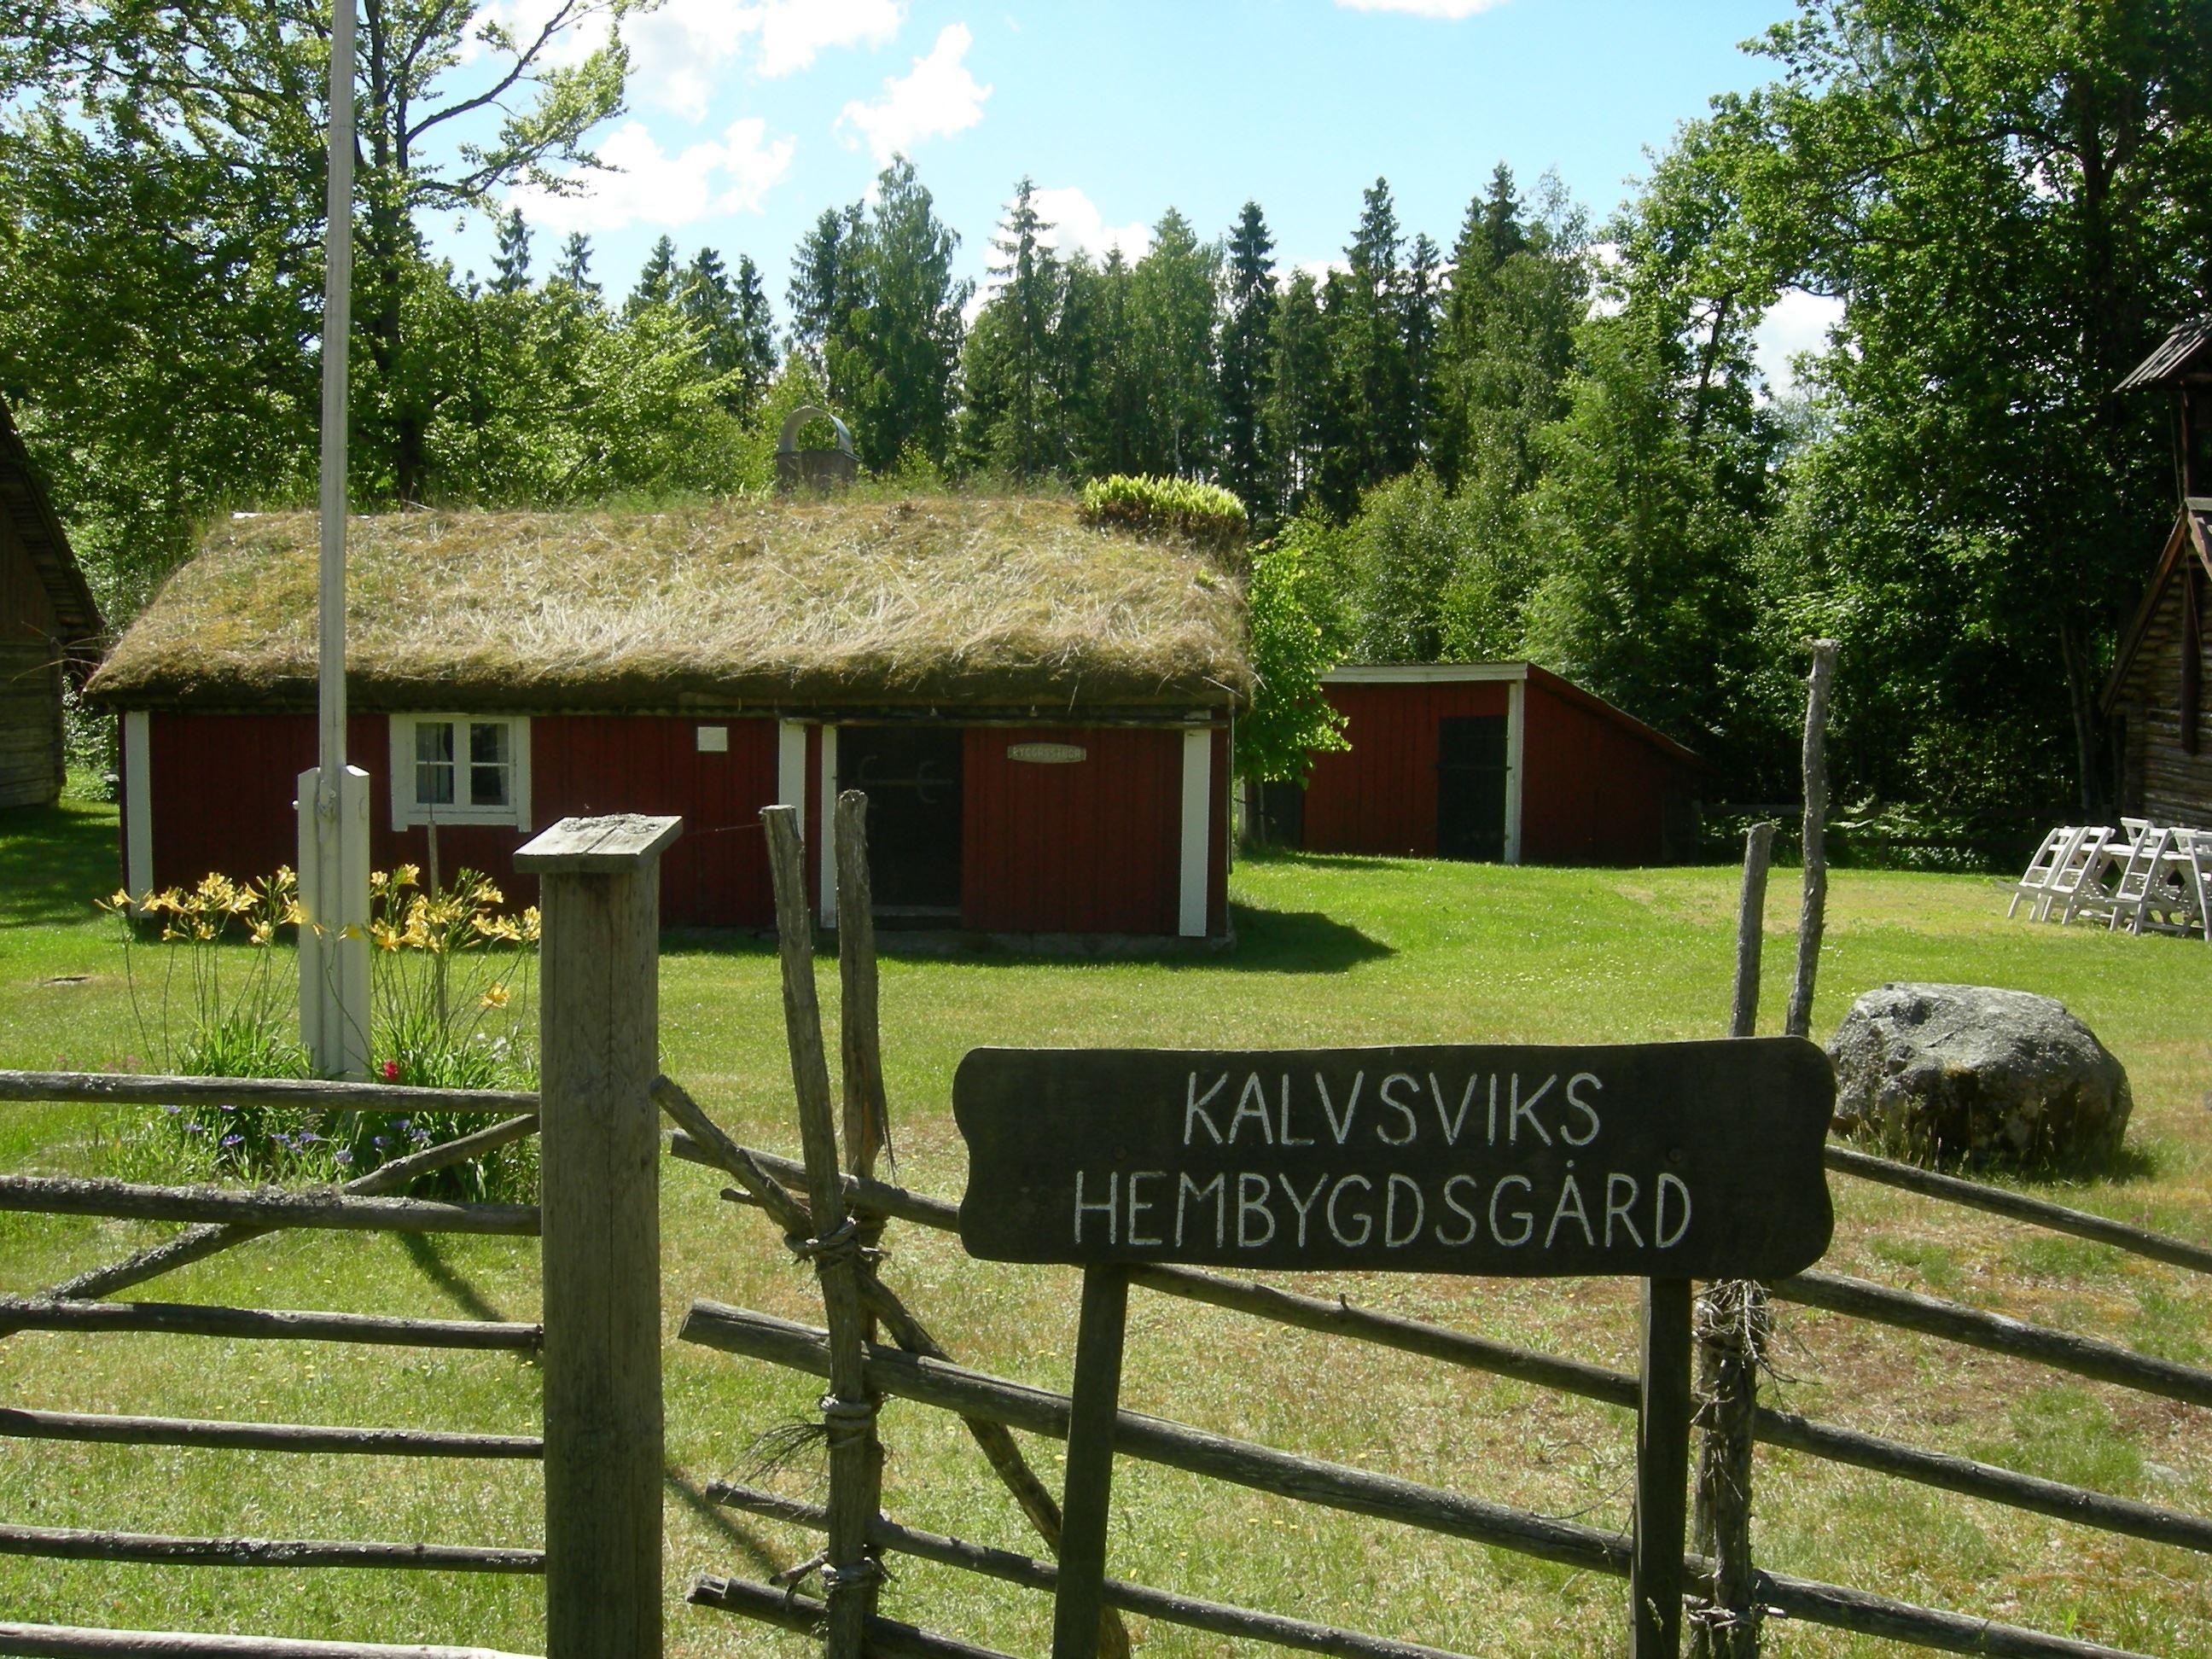 Kalvsviks Hembygdsförening/Kalvsviks Hembygdsgård